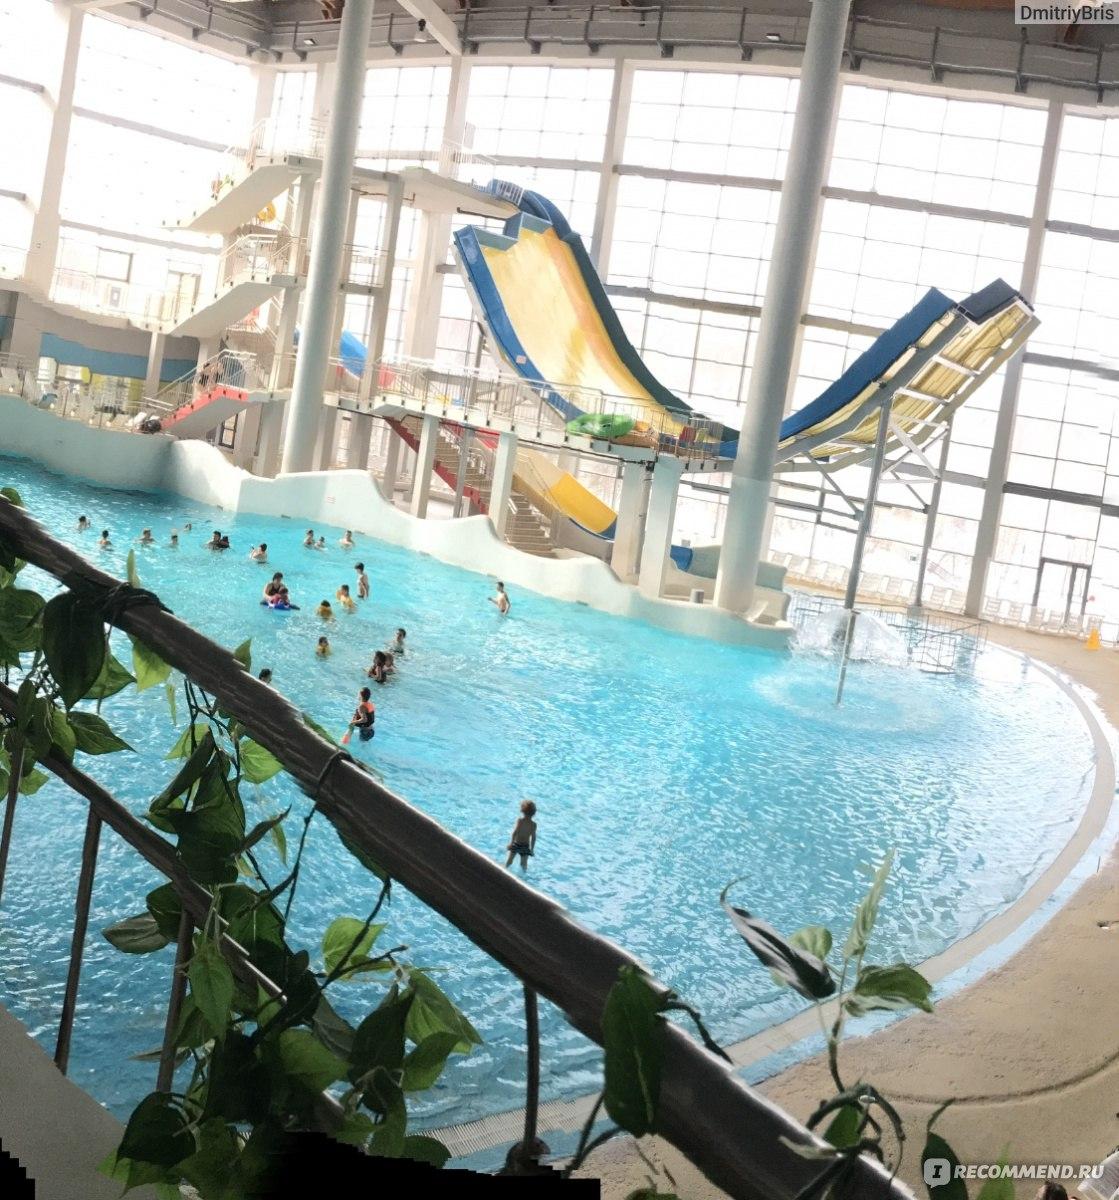 Аквапарк мореон, москва, ясенево. отели рядом, фото, сайт, цены, как добраться — туристер.ру